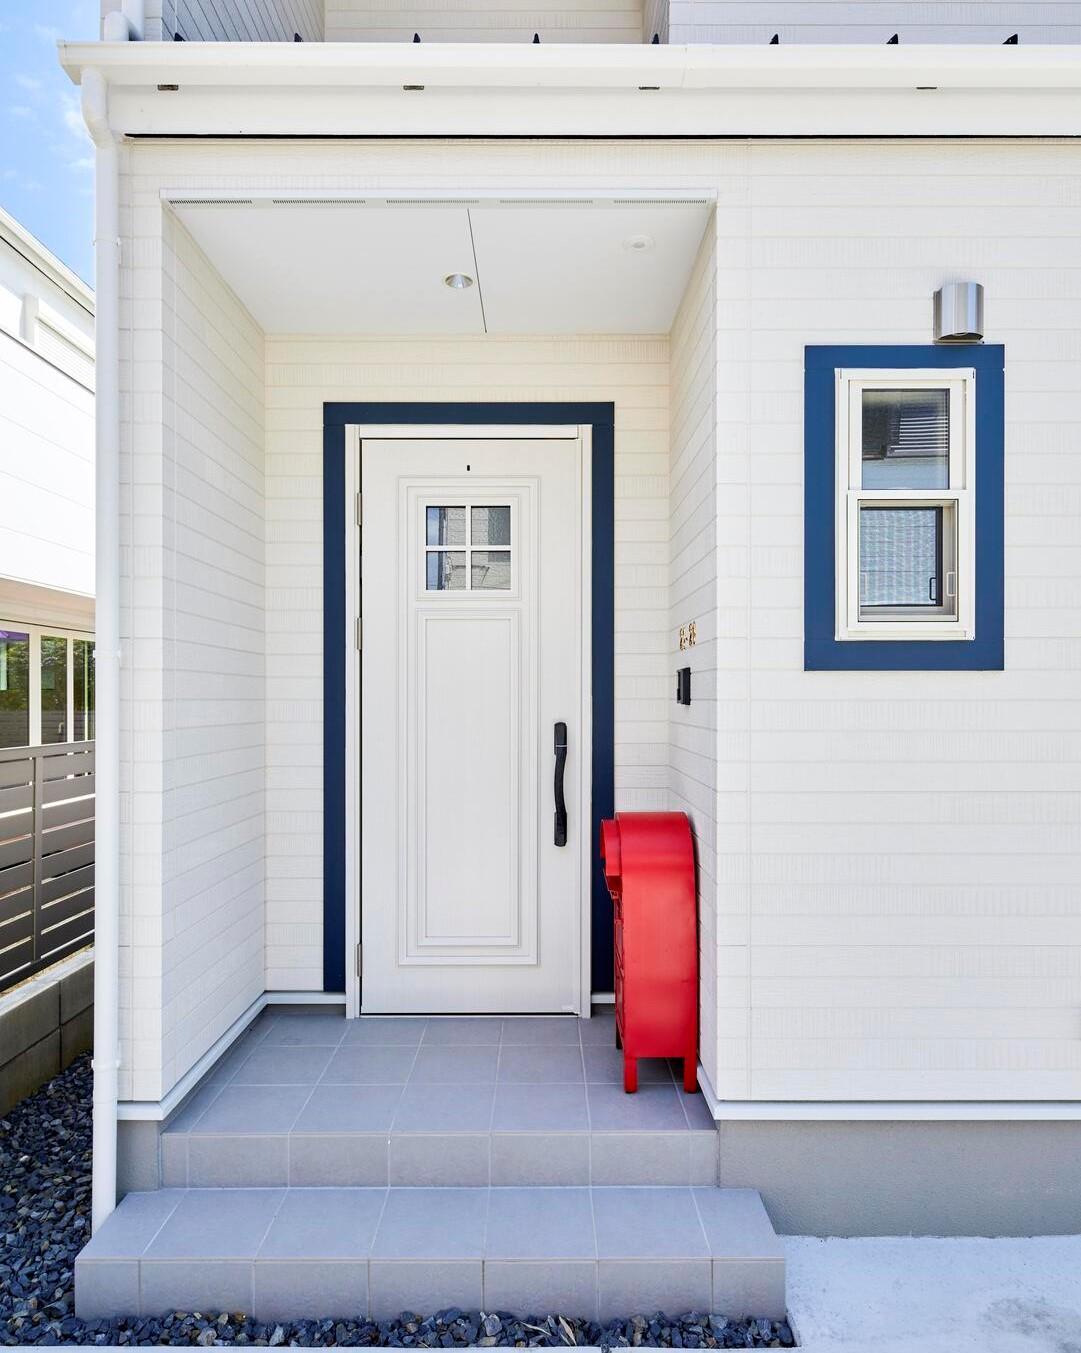 玄関ドアや窓枠には濃いめのブルーをあしらった